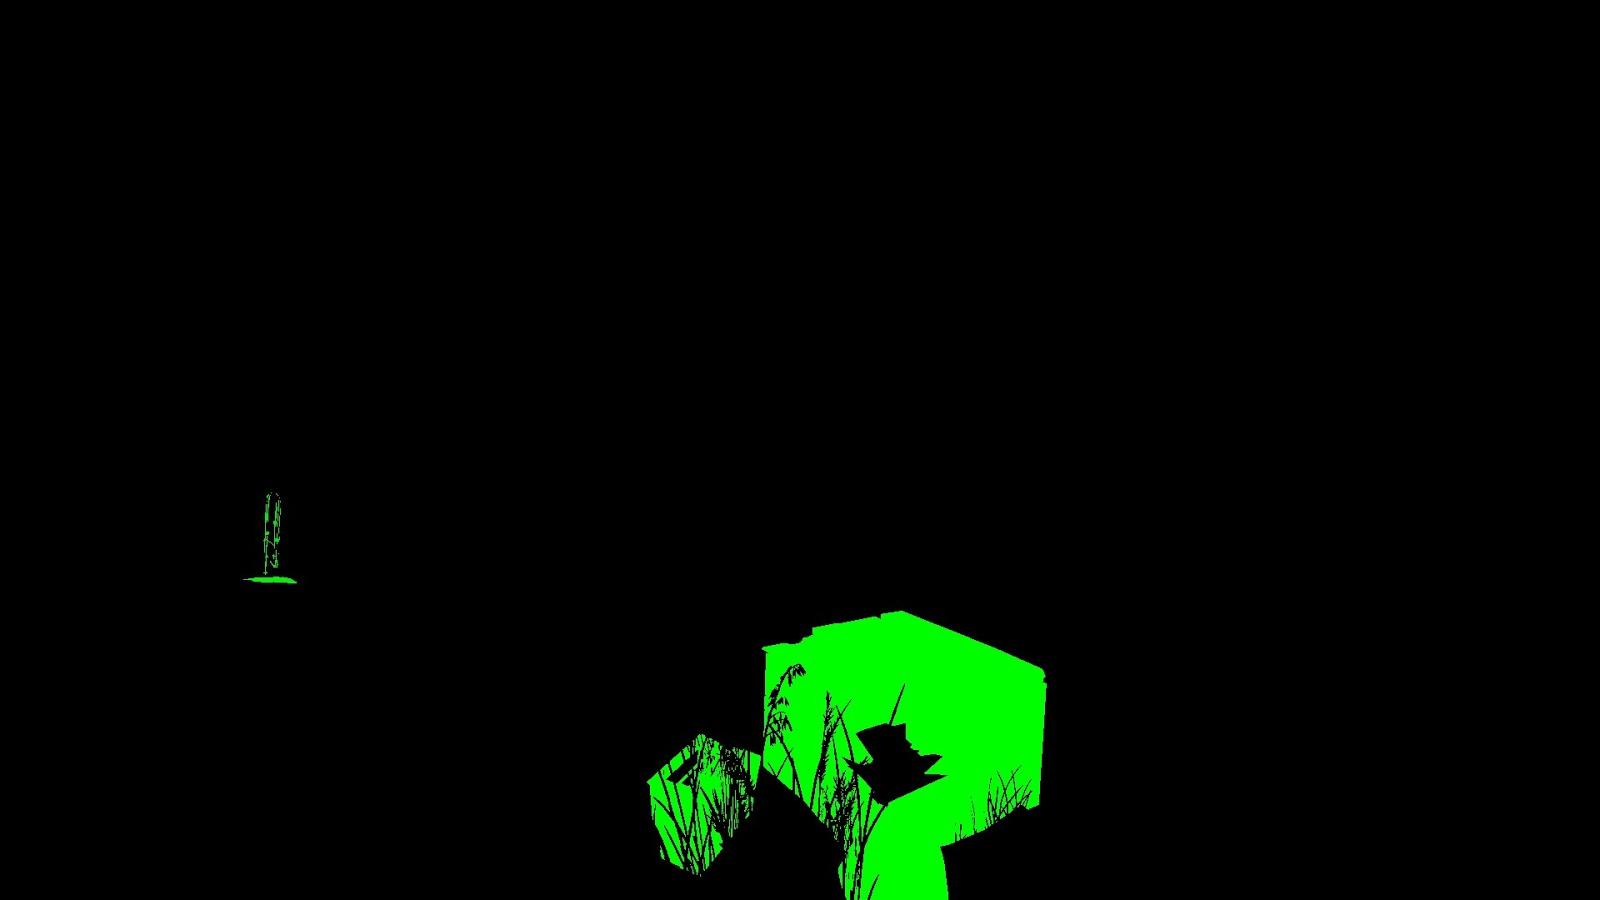 Как реализован рендеринг «Ведьмака 3»: молнии, ведьмачье чутьё и другие эффекты - 28